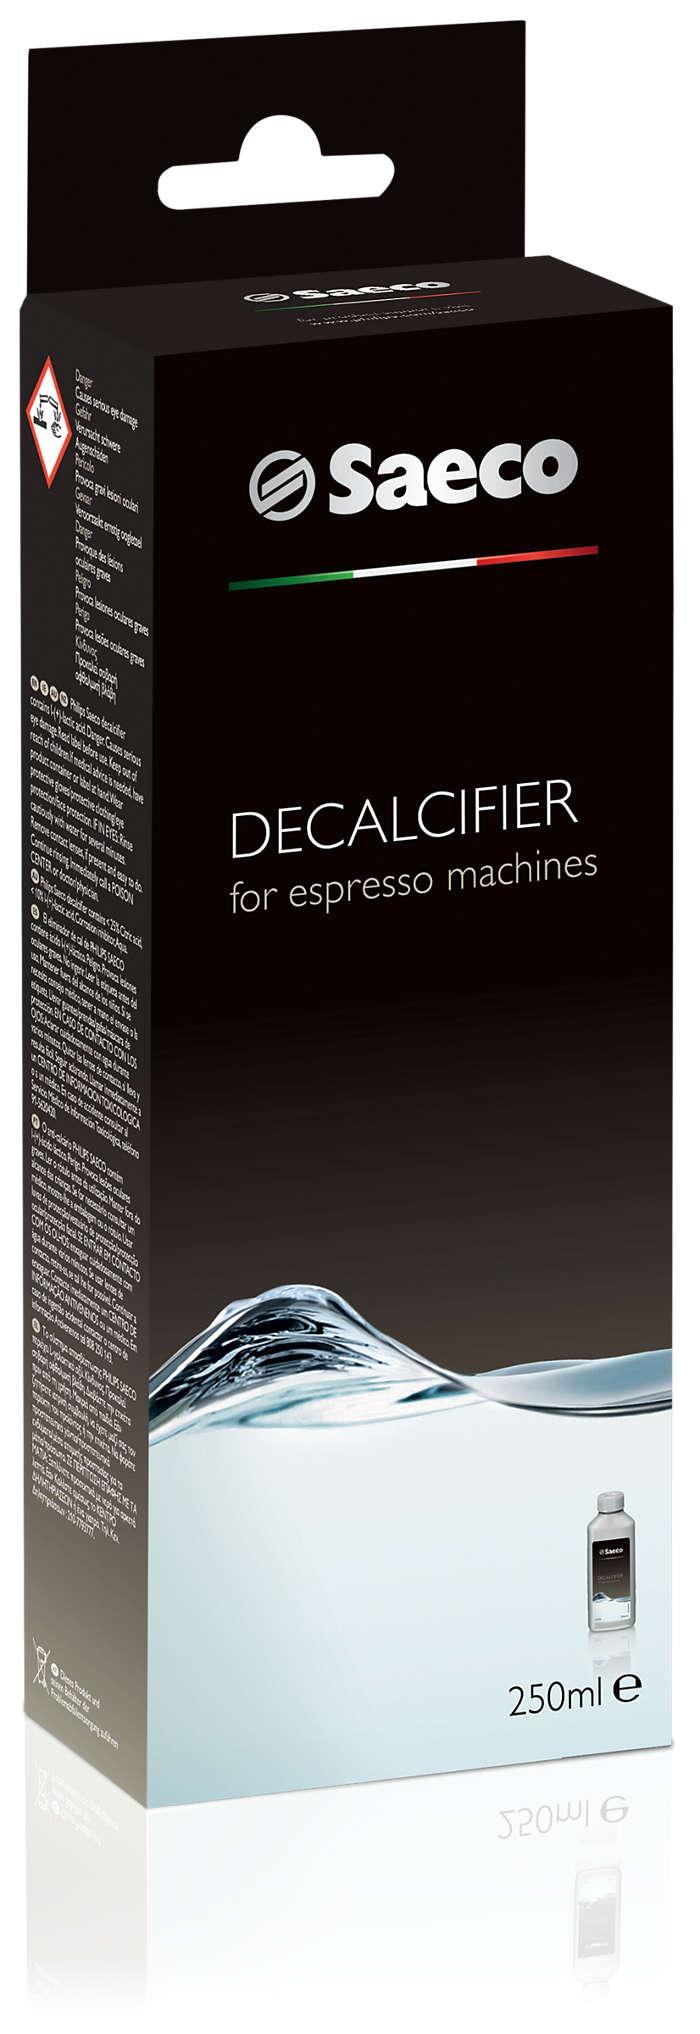 Эффективный уход за кофемашиной